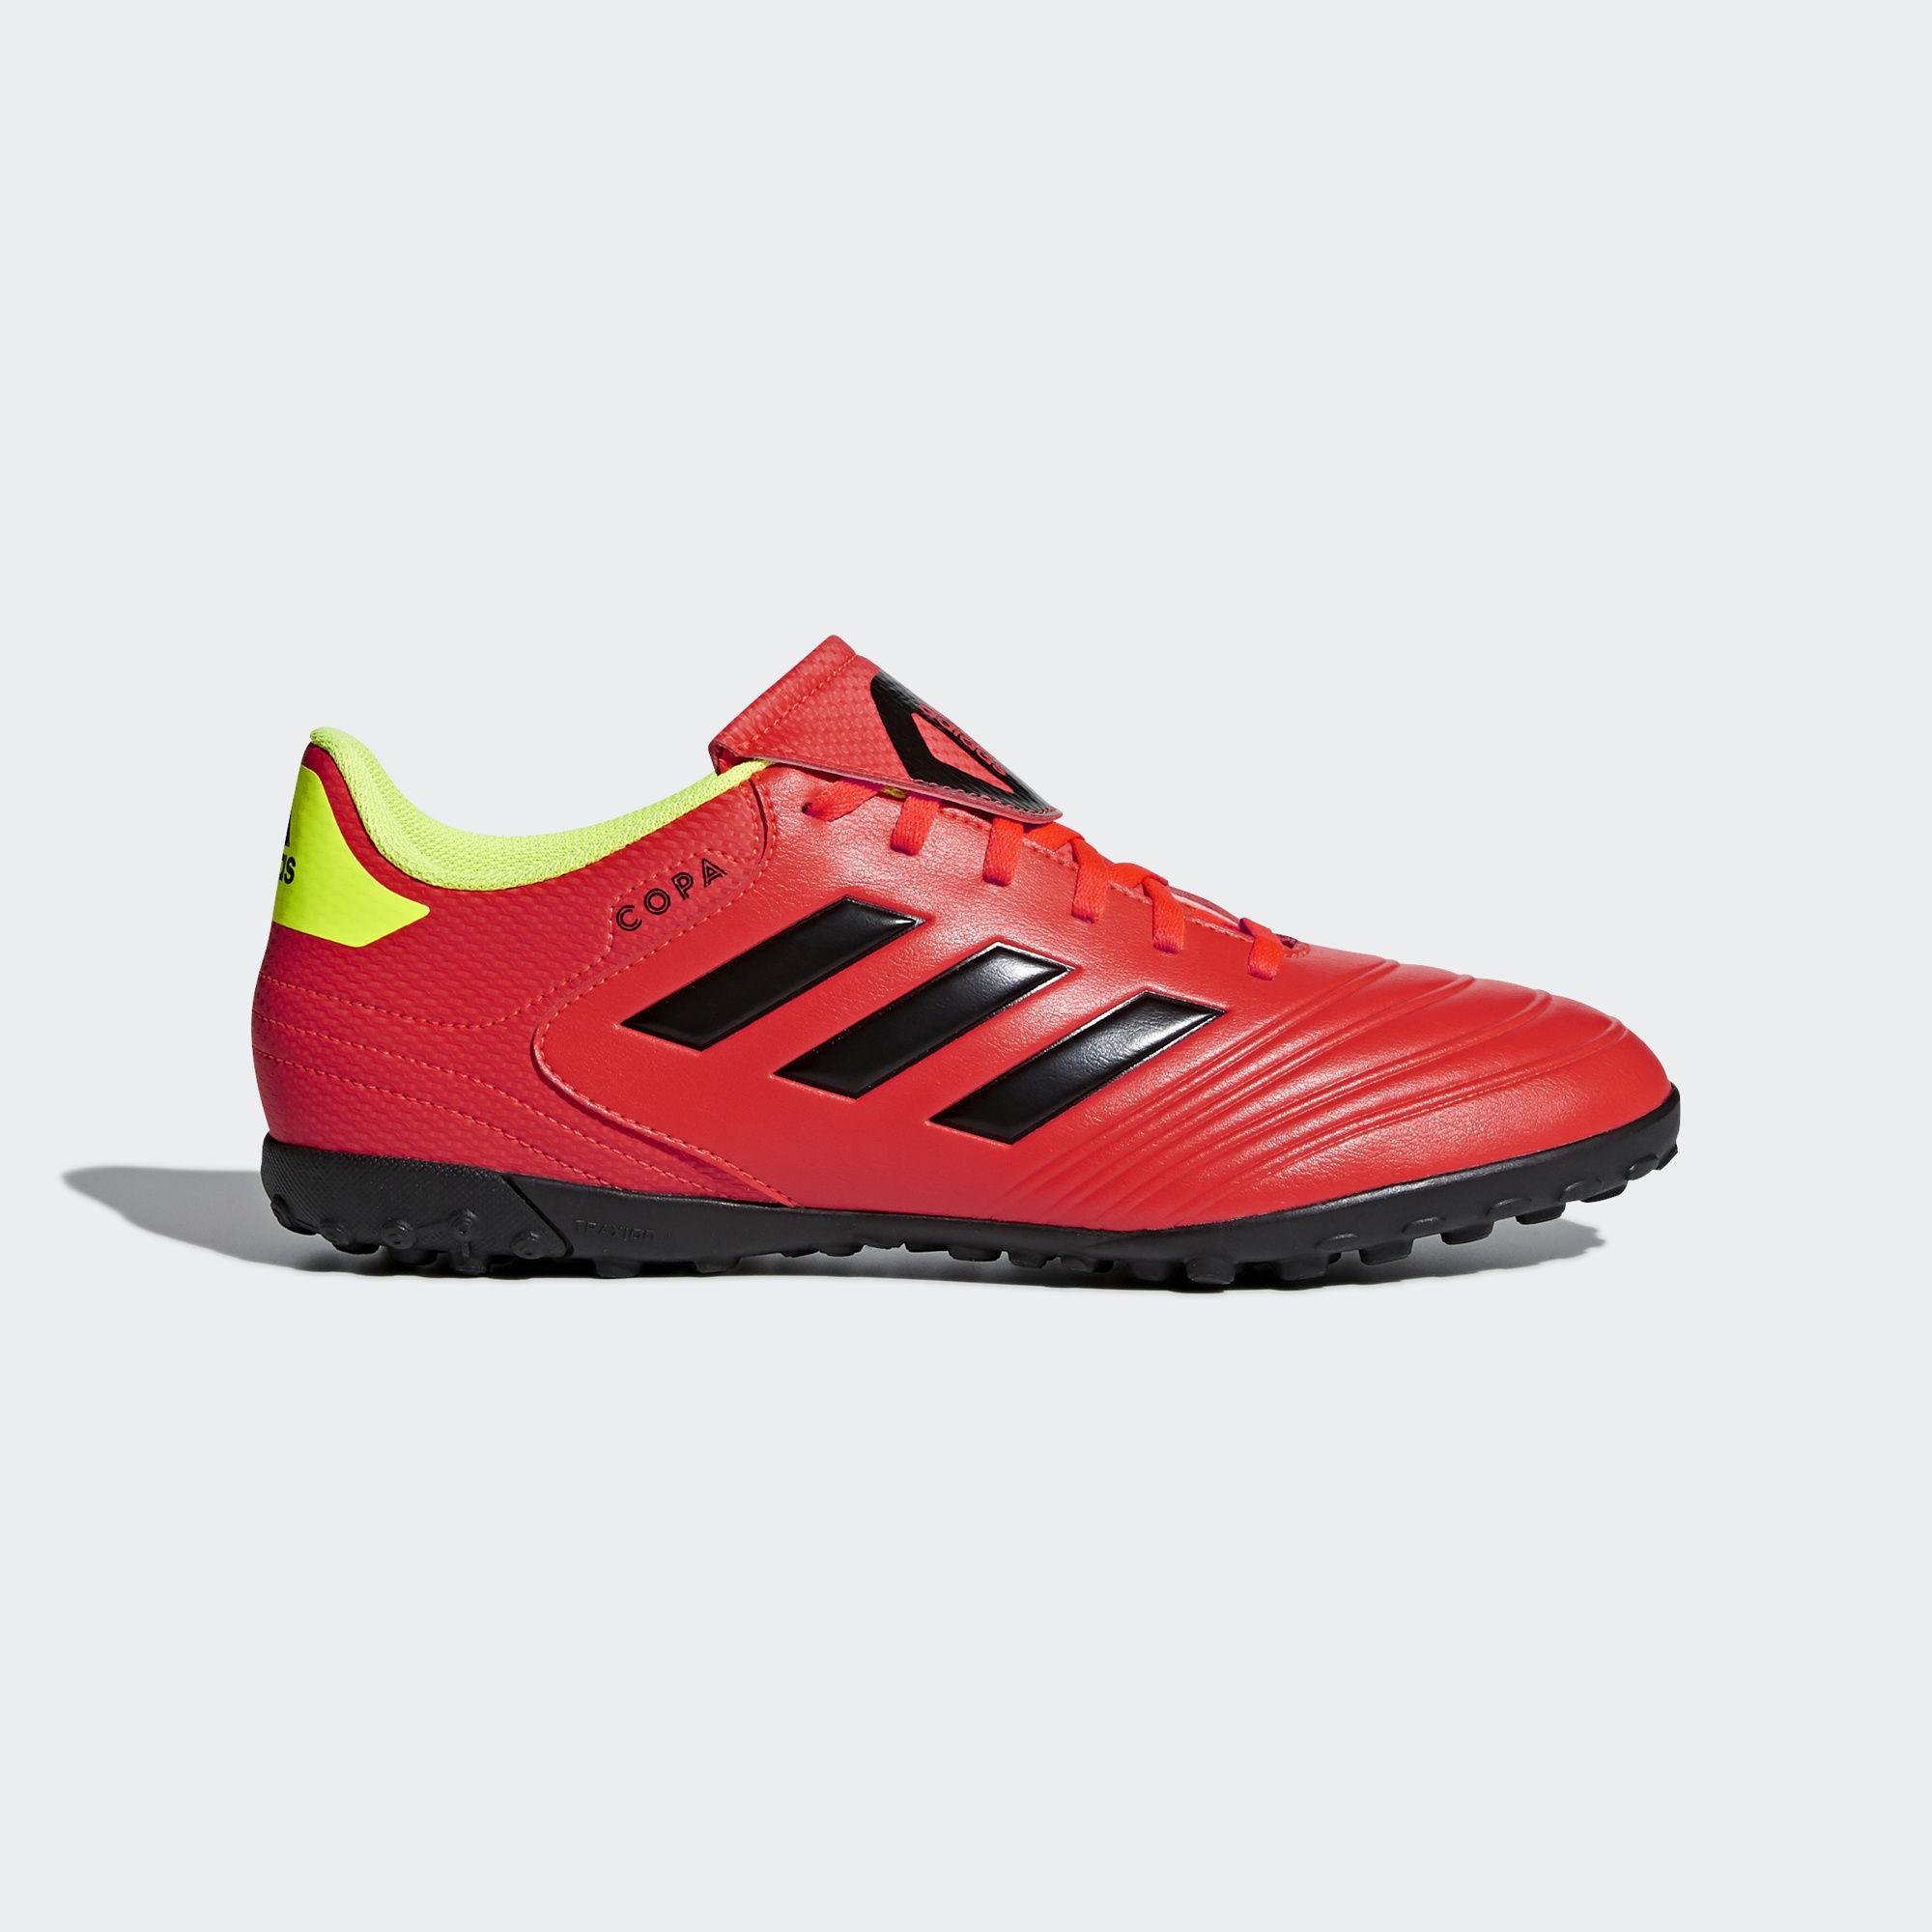 Футбольные бутсы Copa Tango 18.4 TF DB2453 adidas Performance - Украина  20b733d2a5158